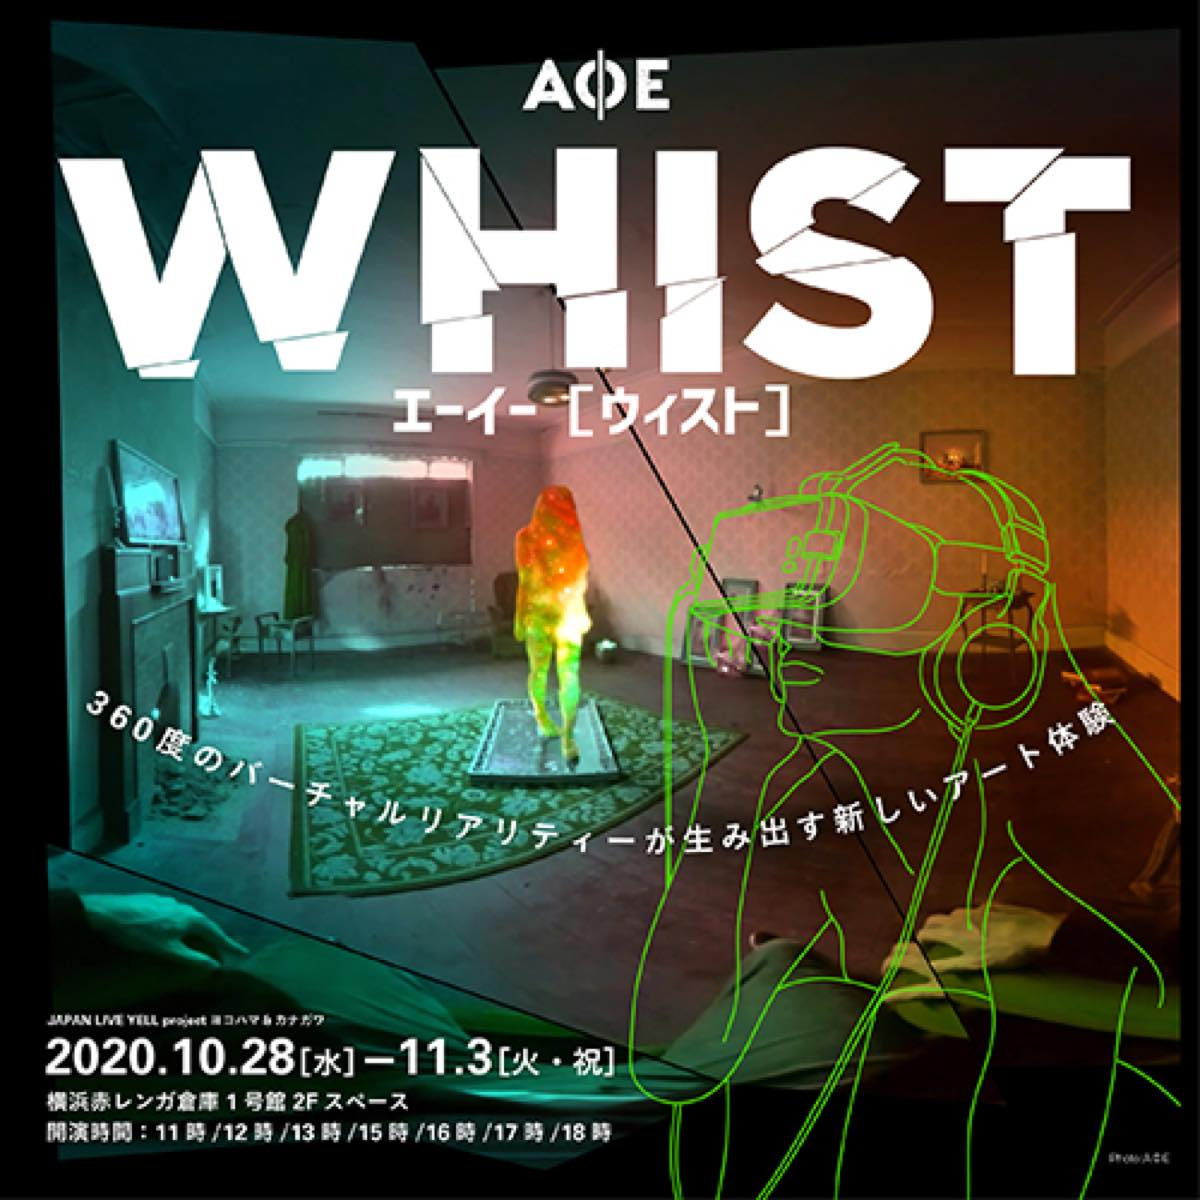 架空の家族による悪夢・恐怖・欲望…。世界を席巻したVRアート作品『WHIST』がいよいよ日本公演